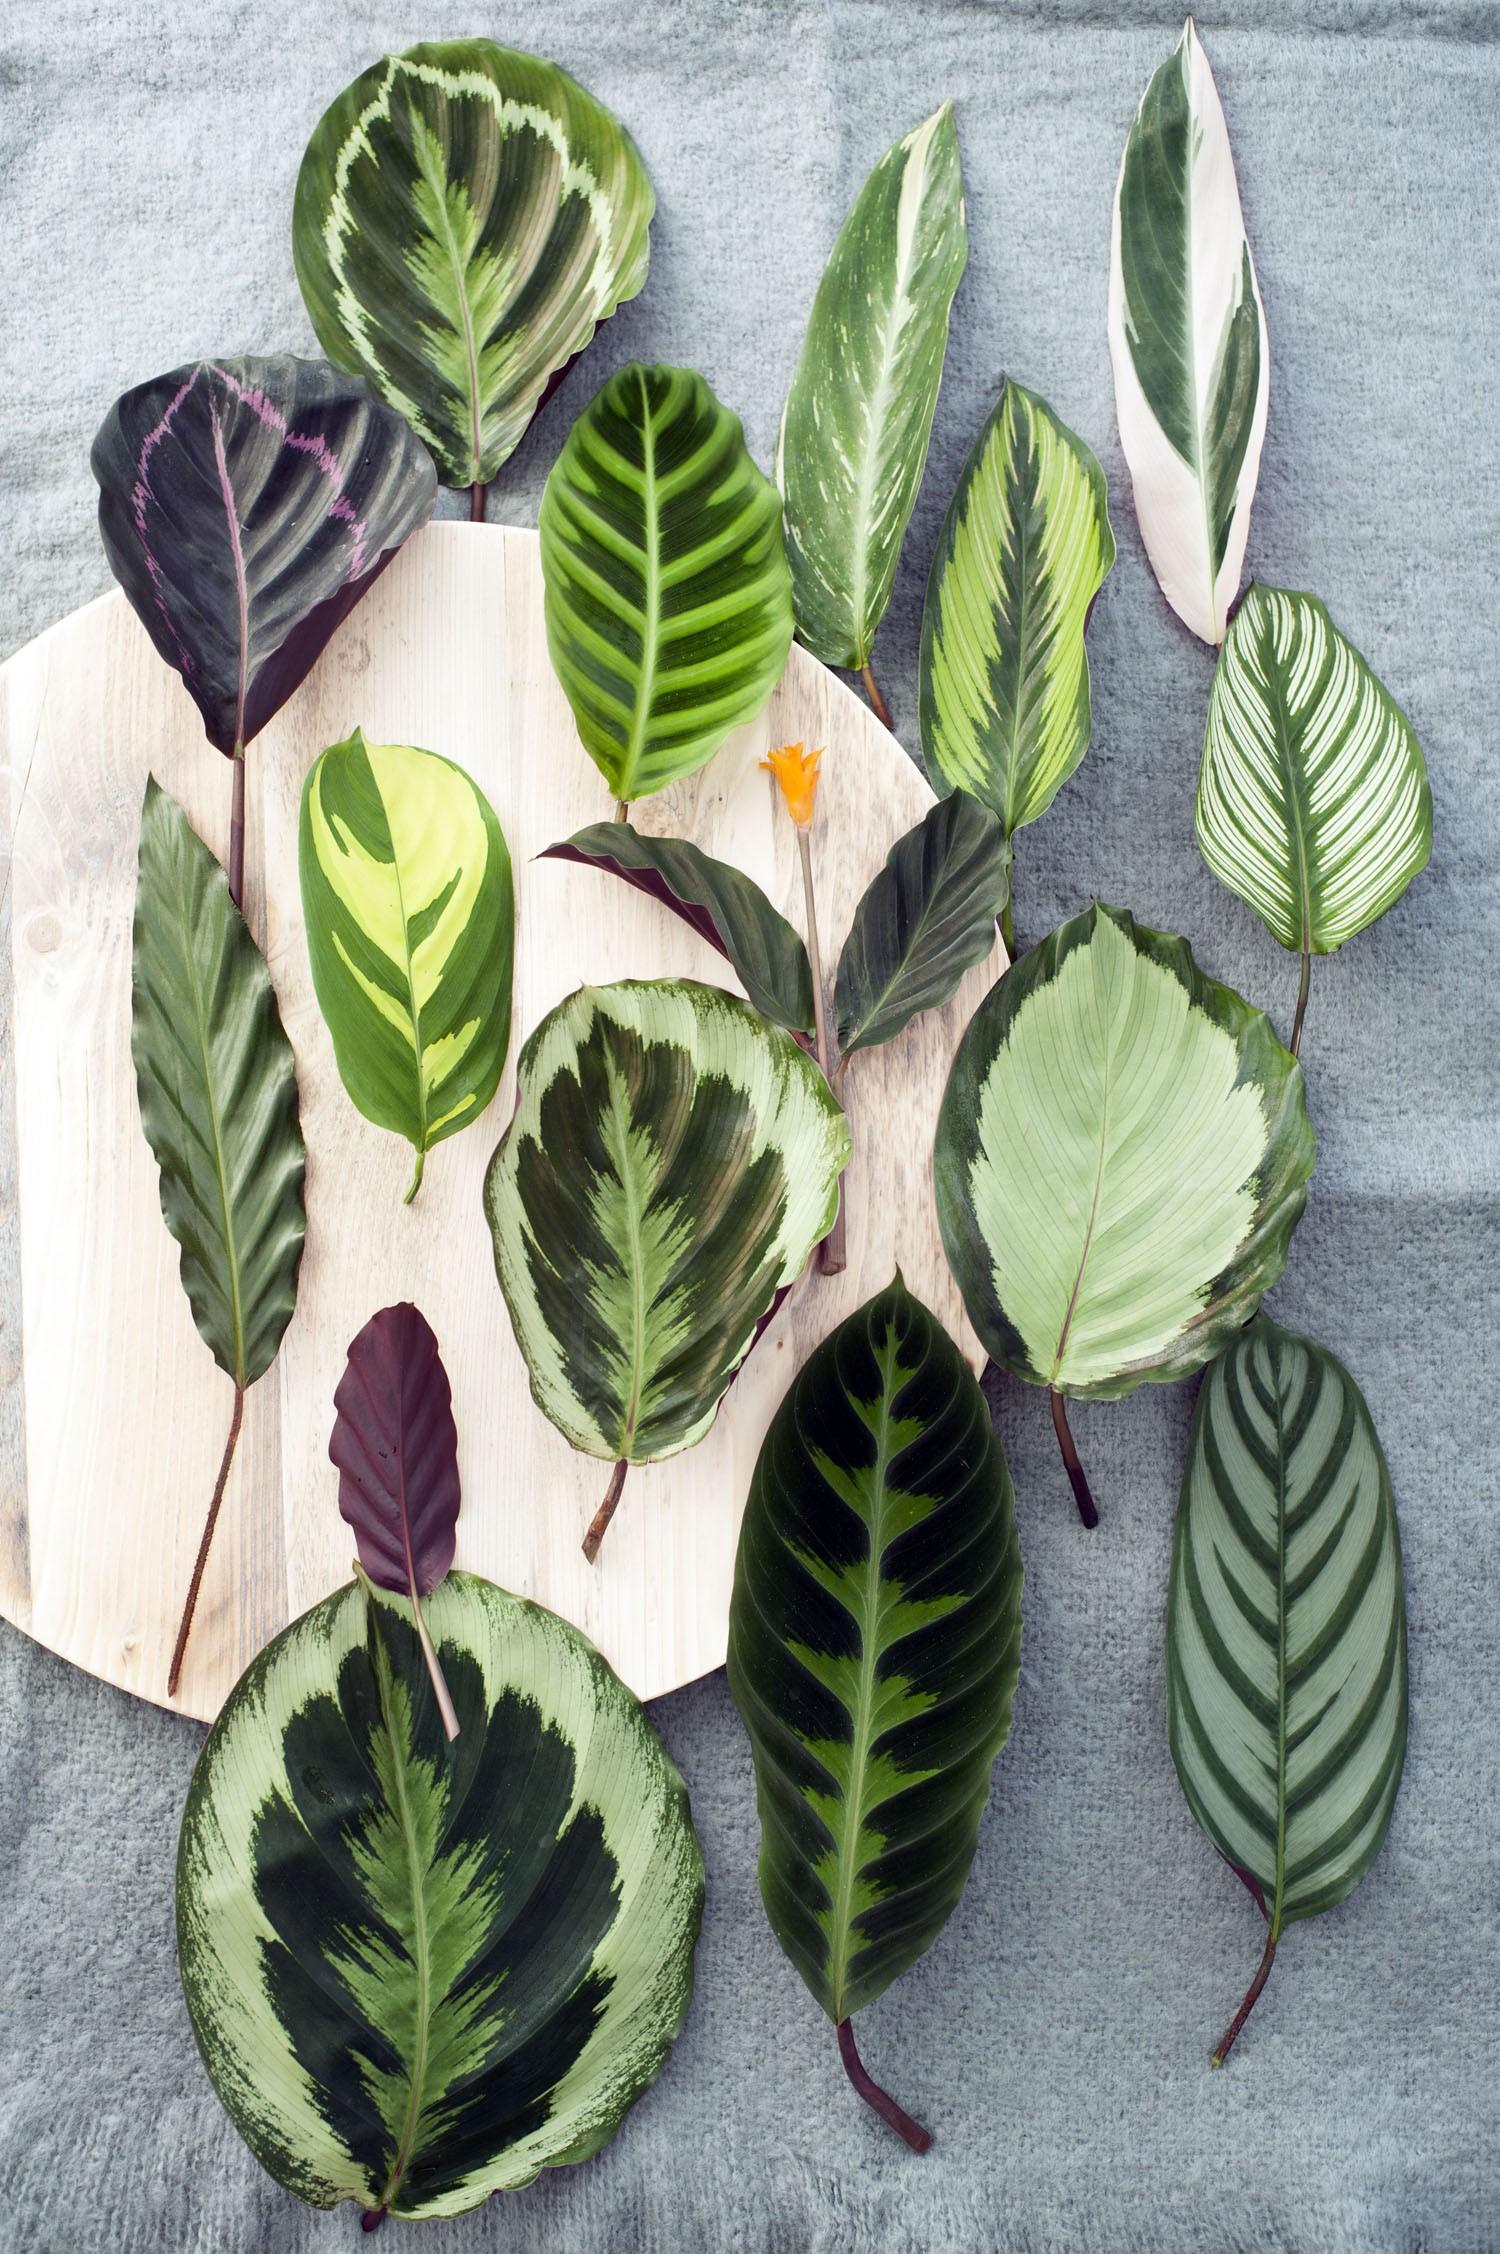 Marantas e Calatheas: conheça as plantas que conquistaram os millennials (Foto: Reprodução)